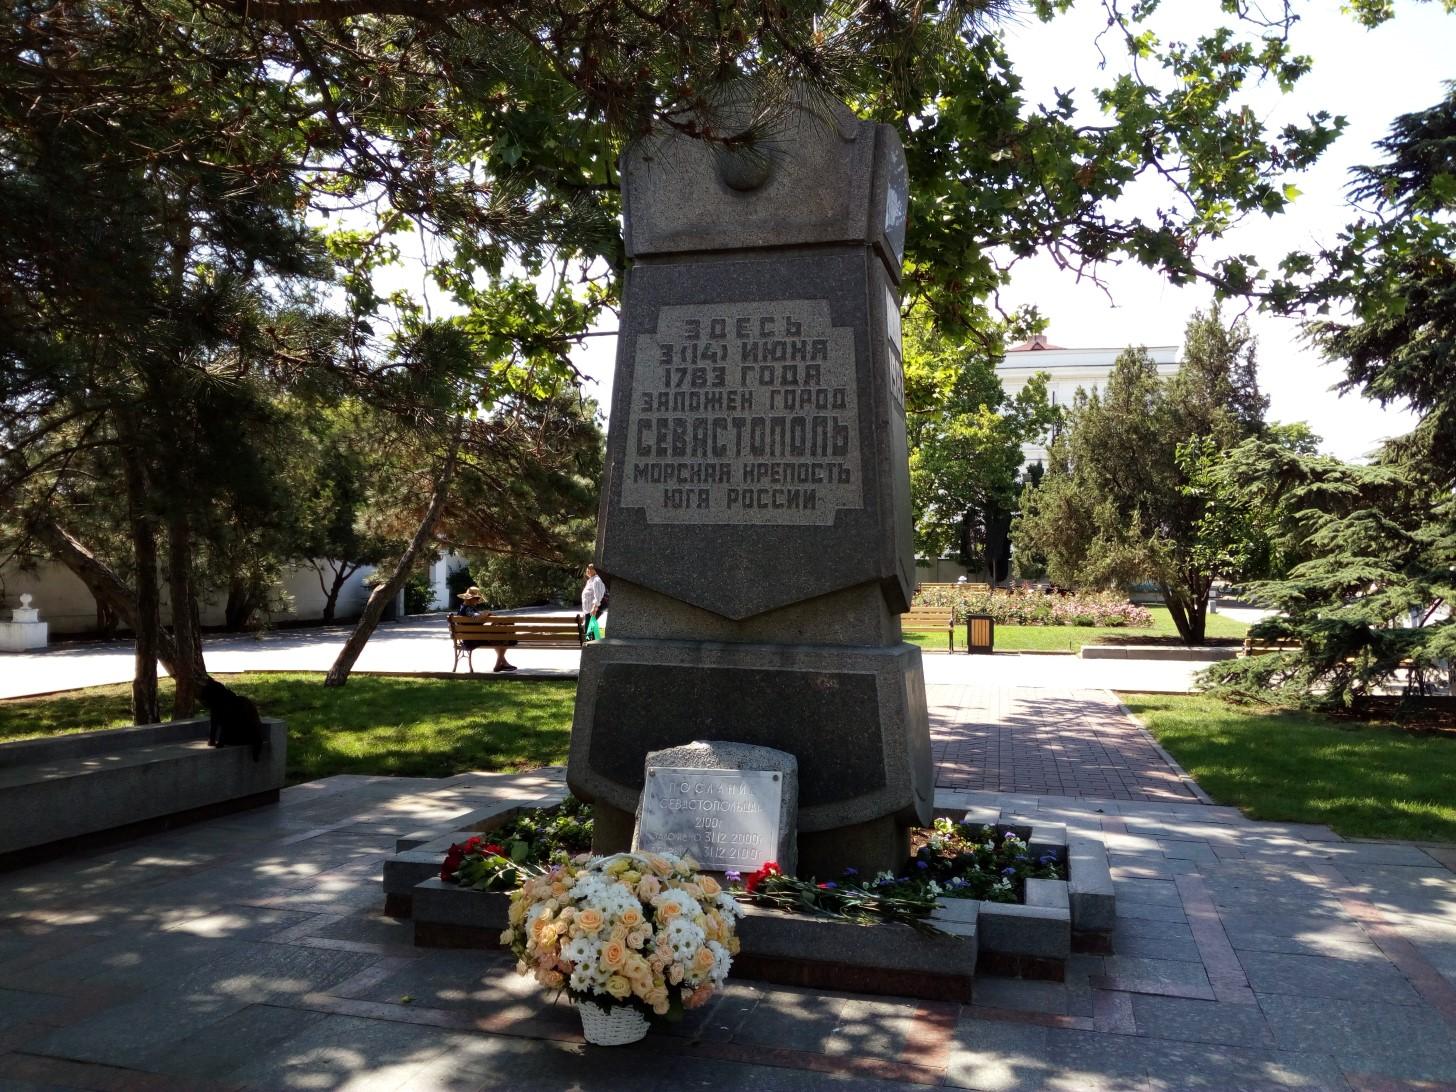 Памятник основанию Севастополя